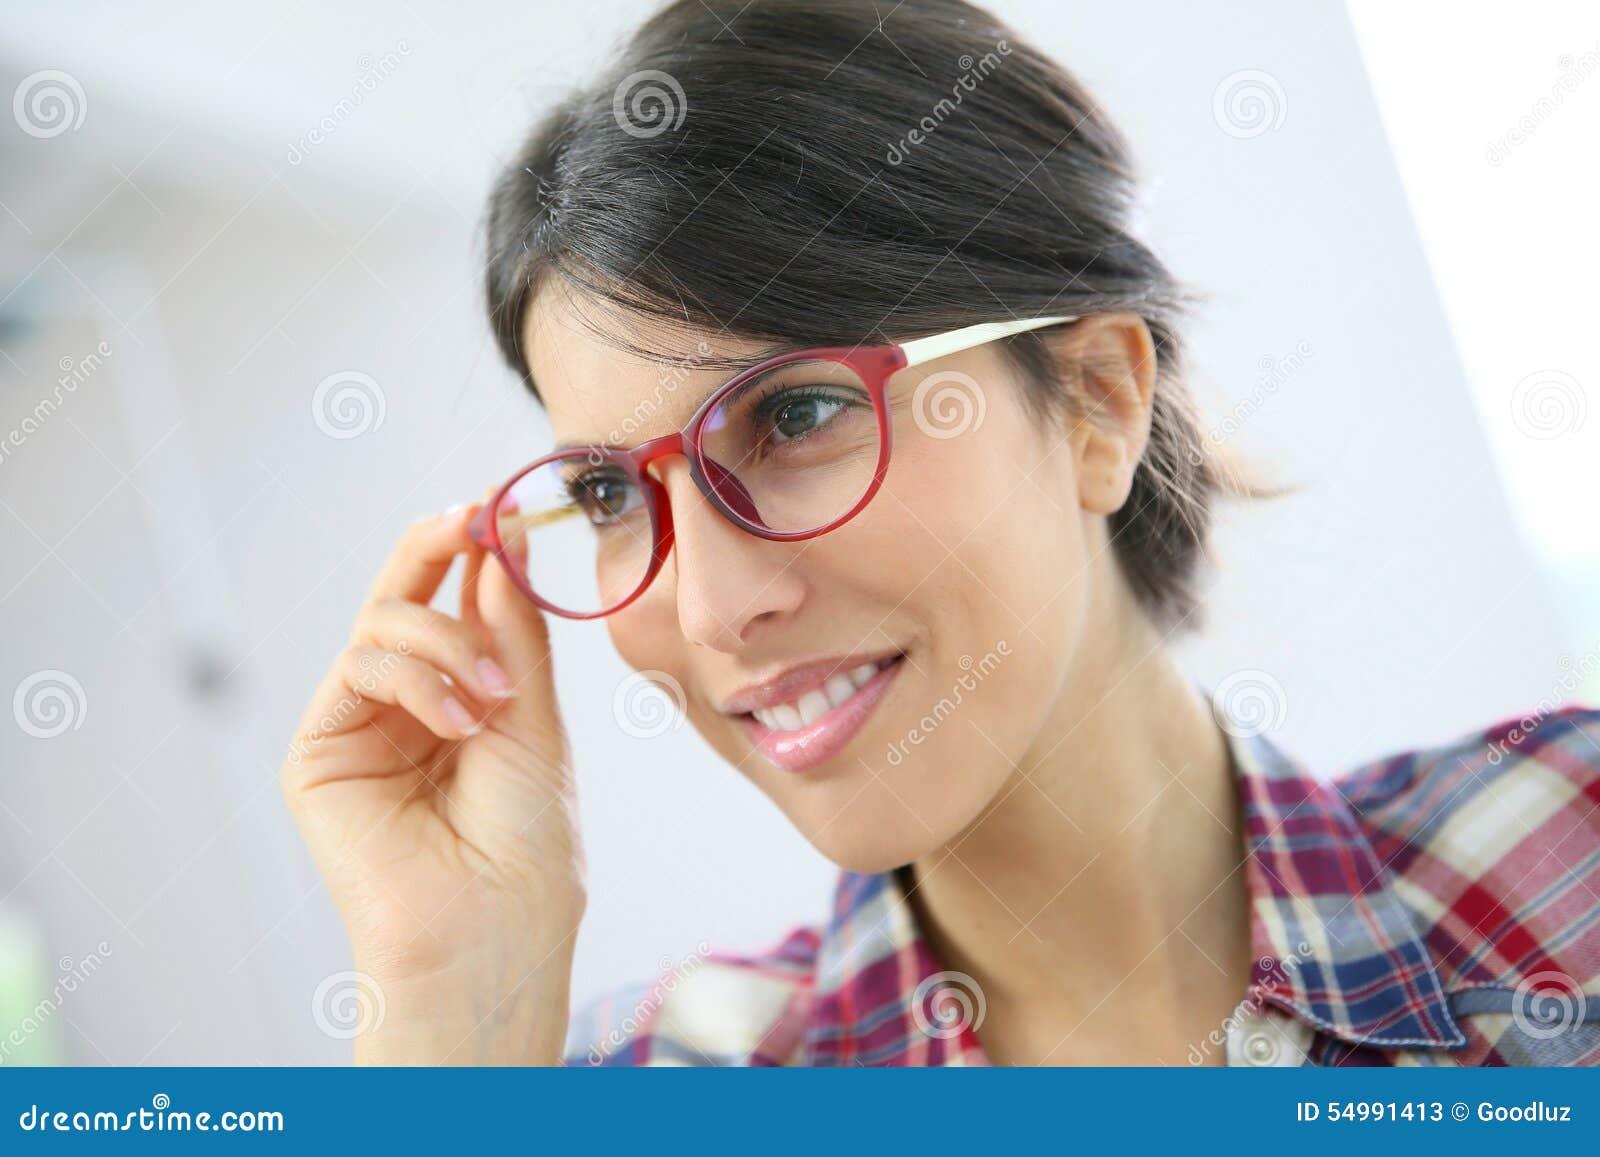 Stående av den unga kvinnan med rött glasögon